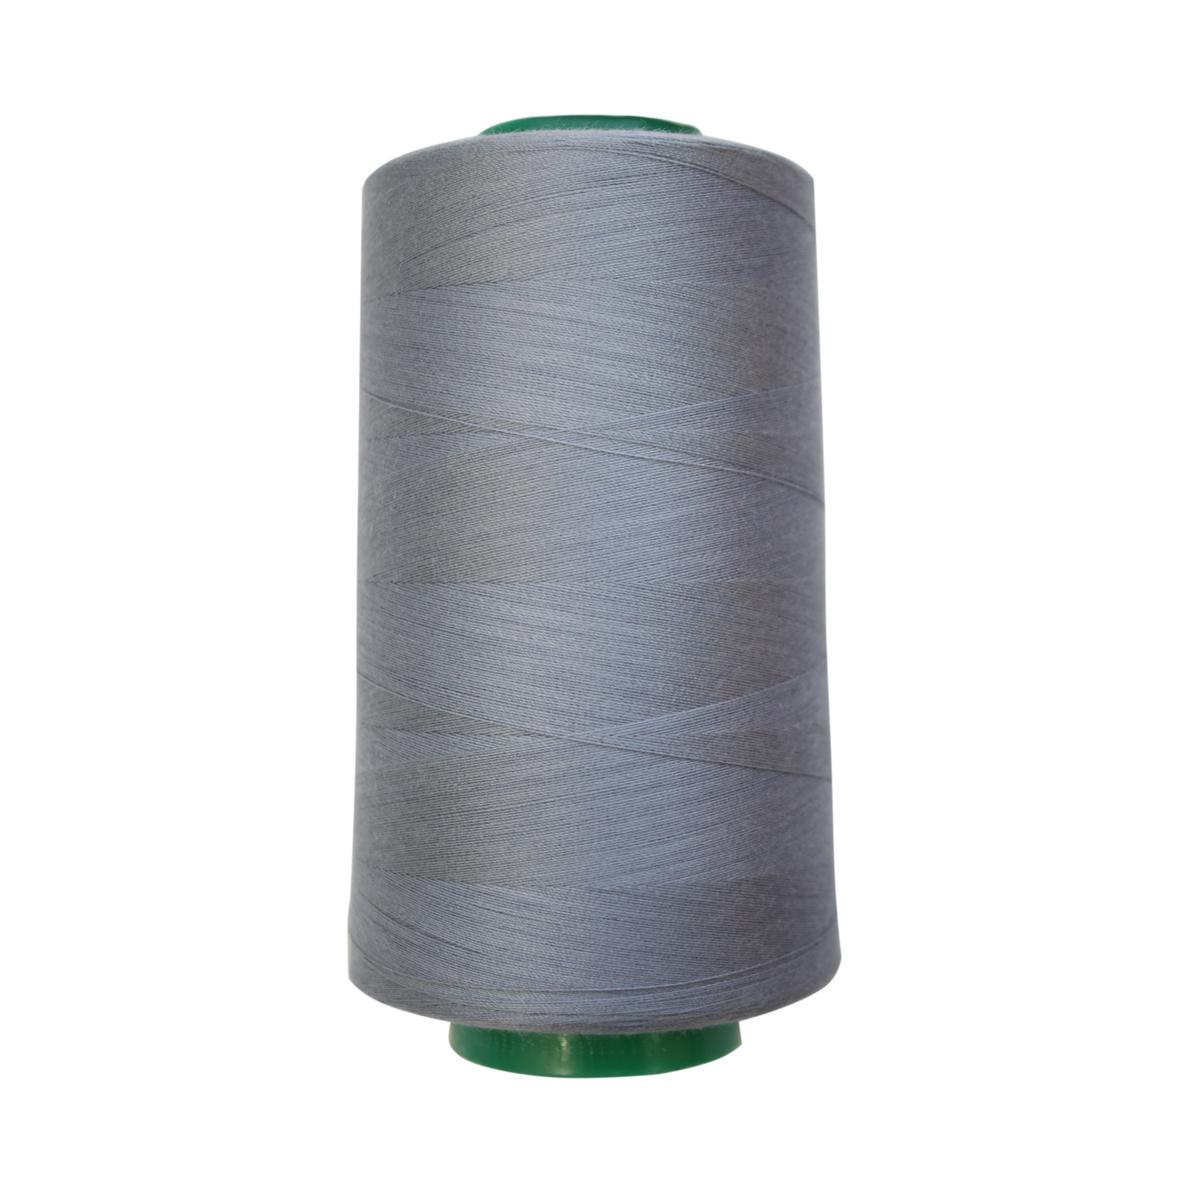 Нитки для шитья Bestex, цвет: светло-серо-голубой (190), 50/2, 5000 ярдов (4572 м)7700936-190Нитки для шитья Bestex выполнены из полиэстера. Сфера использования: трикотаж, ткани малого веса, оверлочные швы, отделка краев, вышивка. Рекомендуется для вышивки на бытовых швейных машинах, а также для ручной вышивки. Размер игл: №70-80. Рекомендуем!